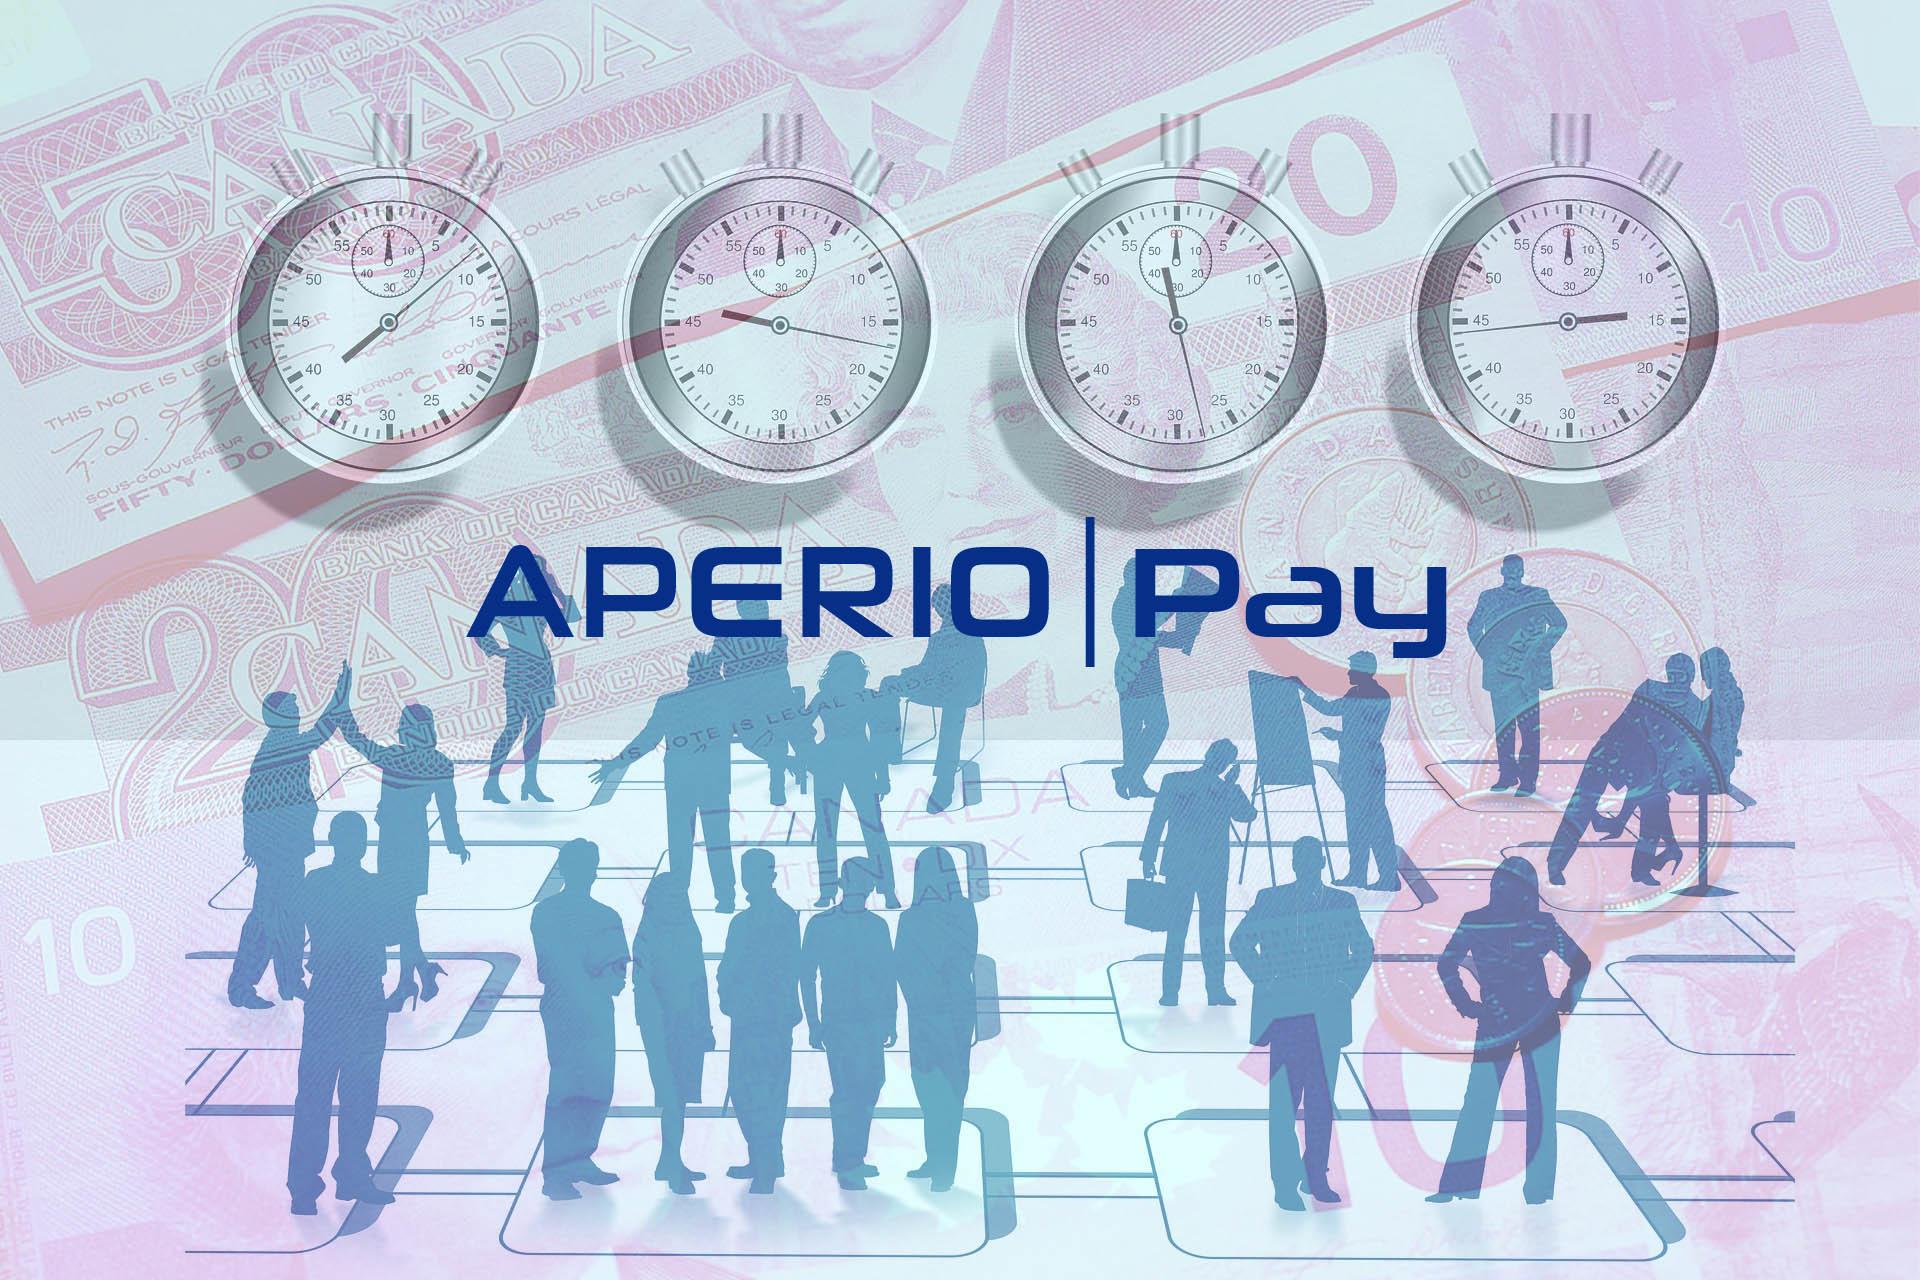 Aperio Pay Image